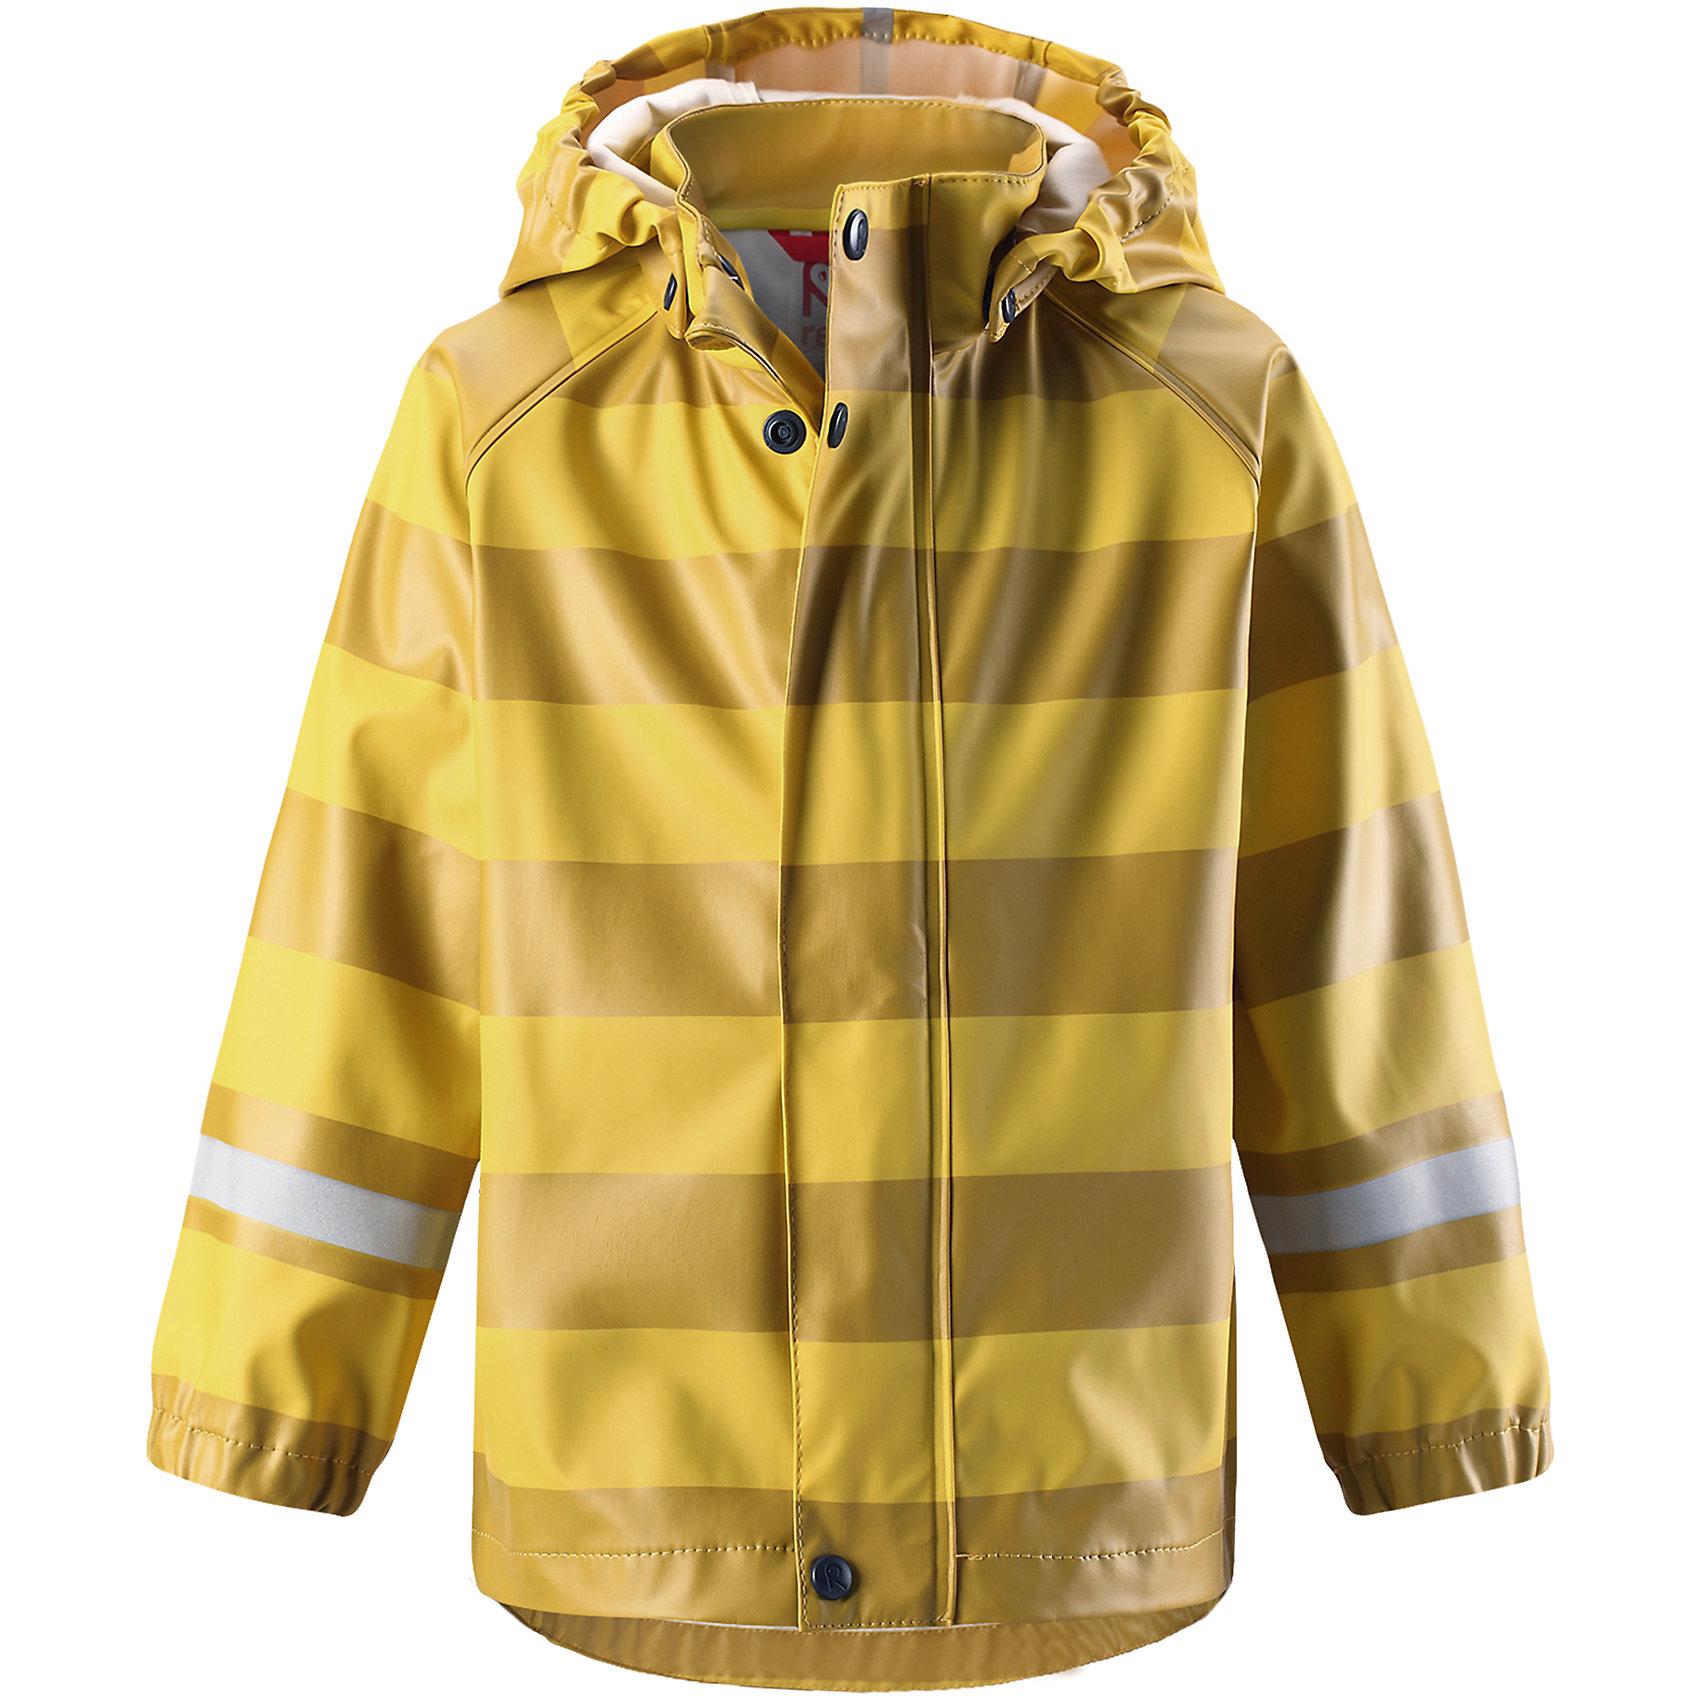 Плащ-дождевик Vesi ReimaОдежда<br>Детская куртка-дождевик изготовлена из удобного, эластичного материала, не содержащего ПВХ. Швы запаяны и абсолютно водонепроницаемы. Куртка-дождевик не деревенеет на морозе, поэтому ее можно носить круглый год – просто добавьте в холодную погоду теплый промежуточный слой. Съемный капюшон защитит даже от ливня, при этом он безопасен во время прогулок в дождливый день. Молния спереди во всю длину и множество светоотражающих деталей. Сочетайте куртку с брюками для дождя Reima® и вы заметите – в дождь играть еще веселее!<br>Состав:<br>100% Полиэстер<br><br>Ширина мм: 356<br>Глубина мм: 10<br>Высота мм: 245<br>Вес г: 519<br>Цвет: желтый<br>Возраст от месяцев: 96<br>Возраст до месяцев: 108<br>Пол: Унисекс<br>Возраст: Детский<br>Размер: 134,140,86,92,98,104,110,116,122,128<br>SKU: 6901457